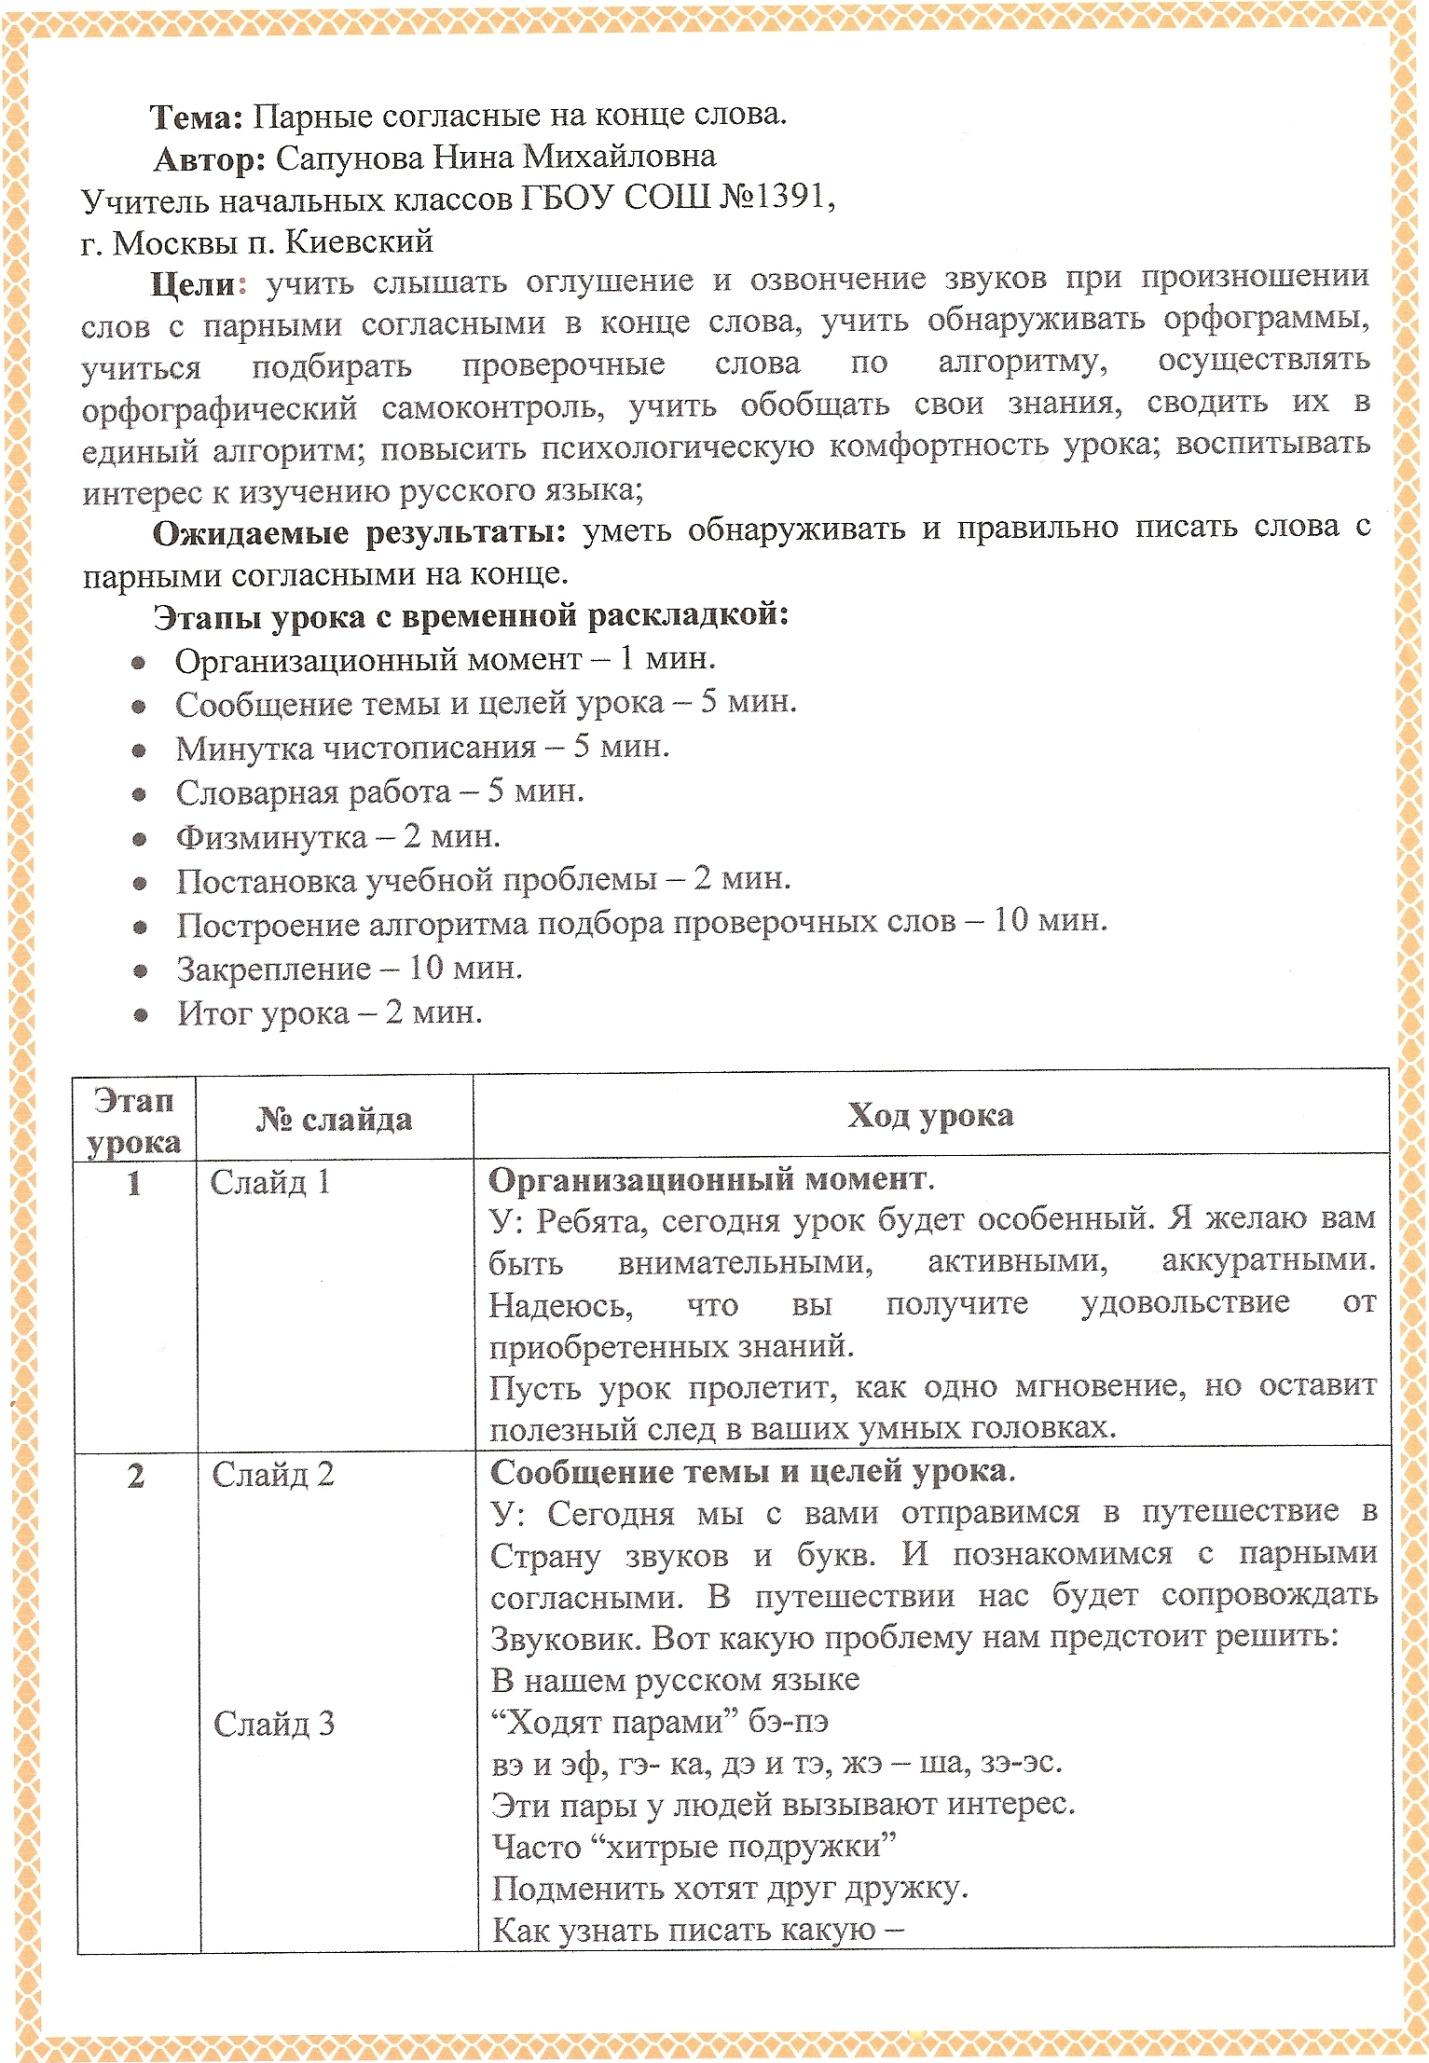 C:\Users\Сергей\Pictures\Мои сканированные изображения\сканирование0053.jpg